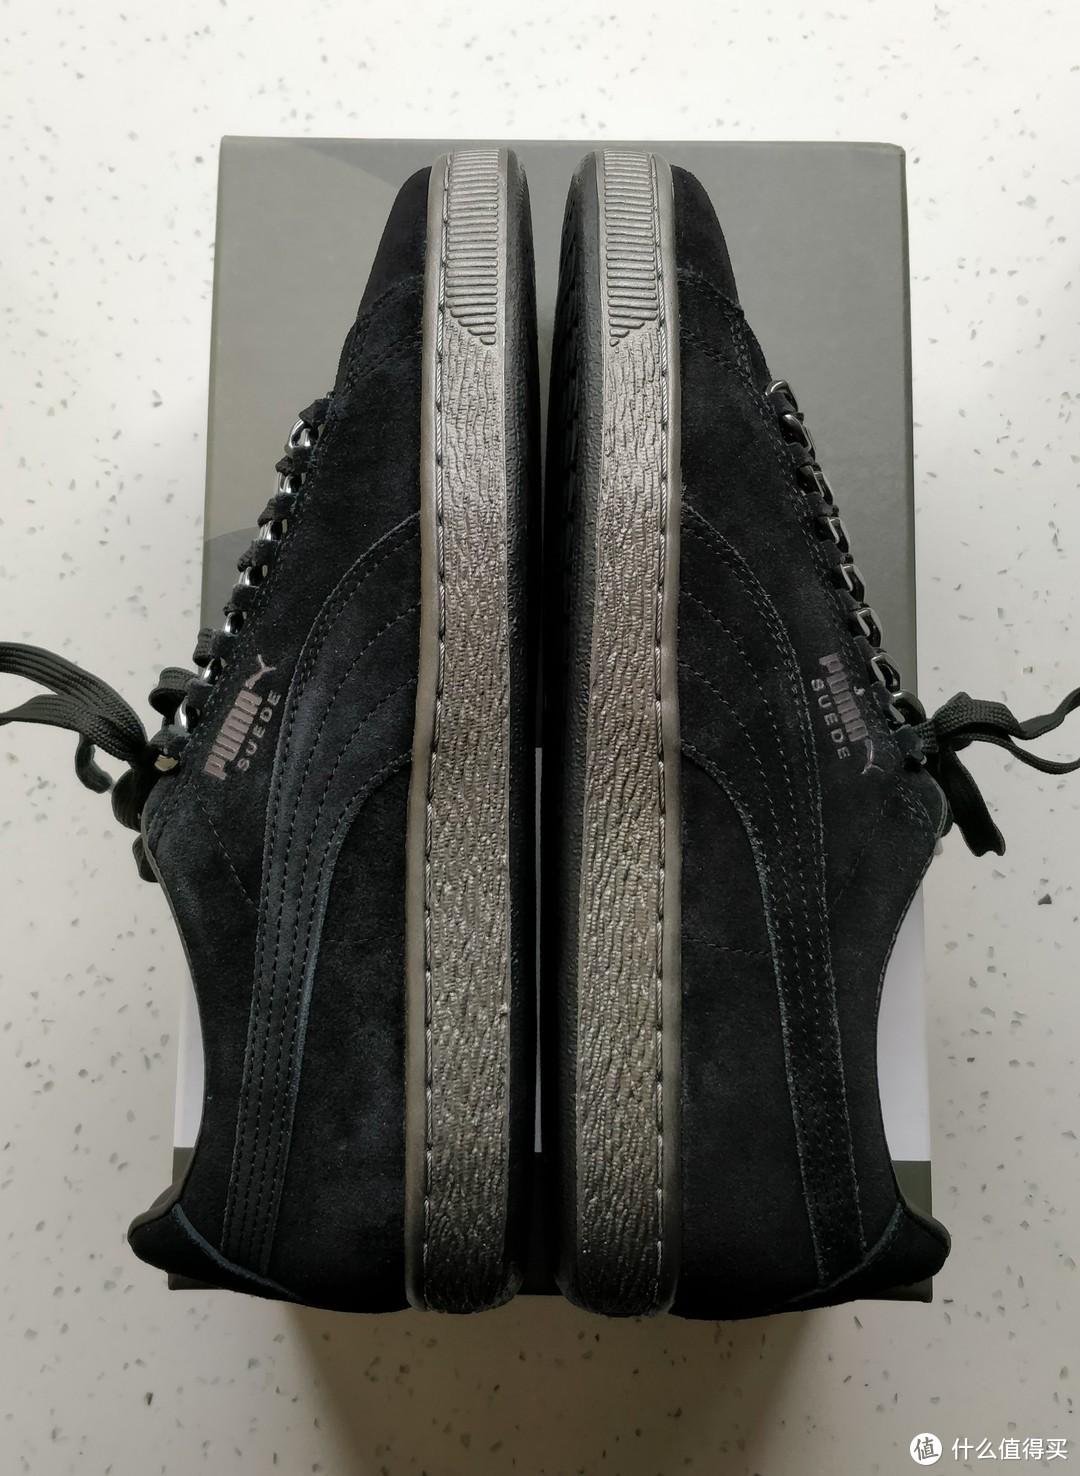 鞋底是银色,不是黑色,穿久了容易掉漆,不晓得里面是不是黑色